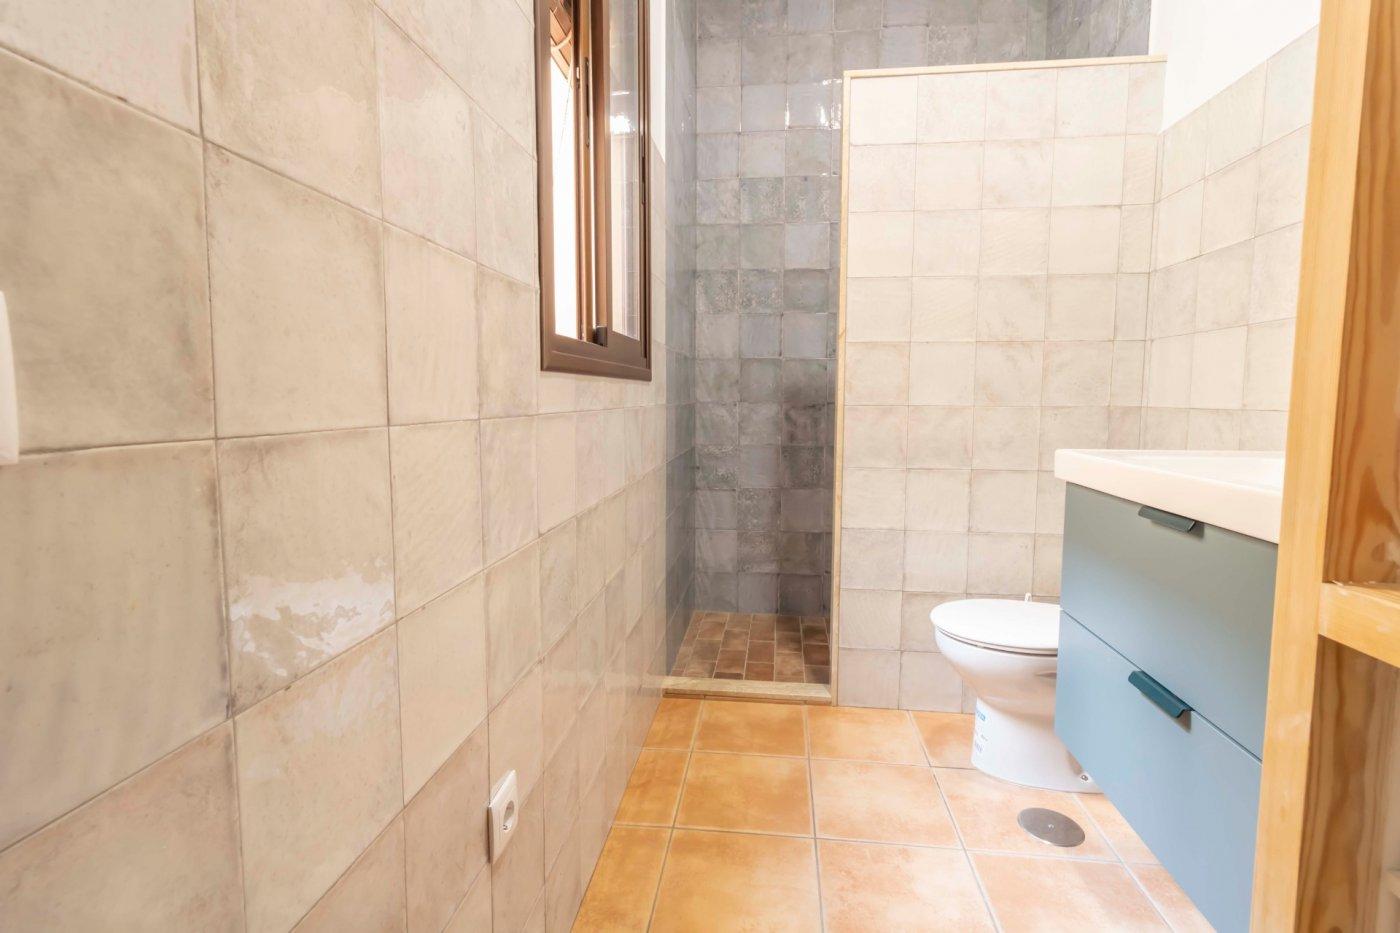 Casa de reciente construccion a la venta en carmona - imagenInmueble14